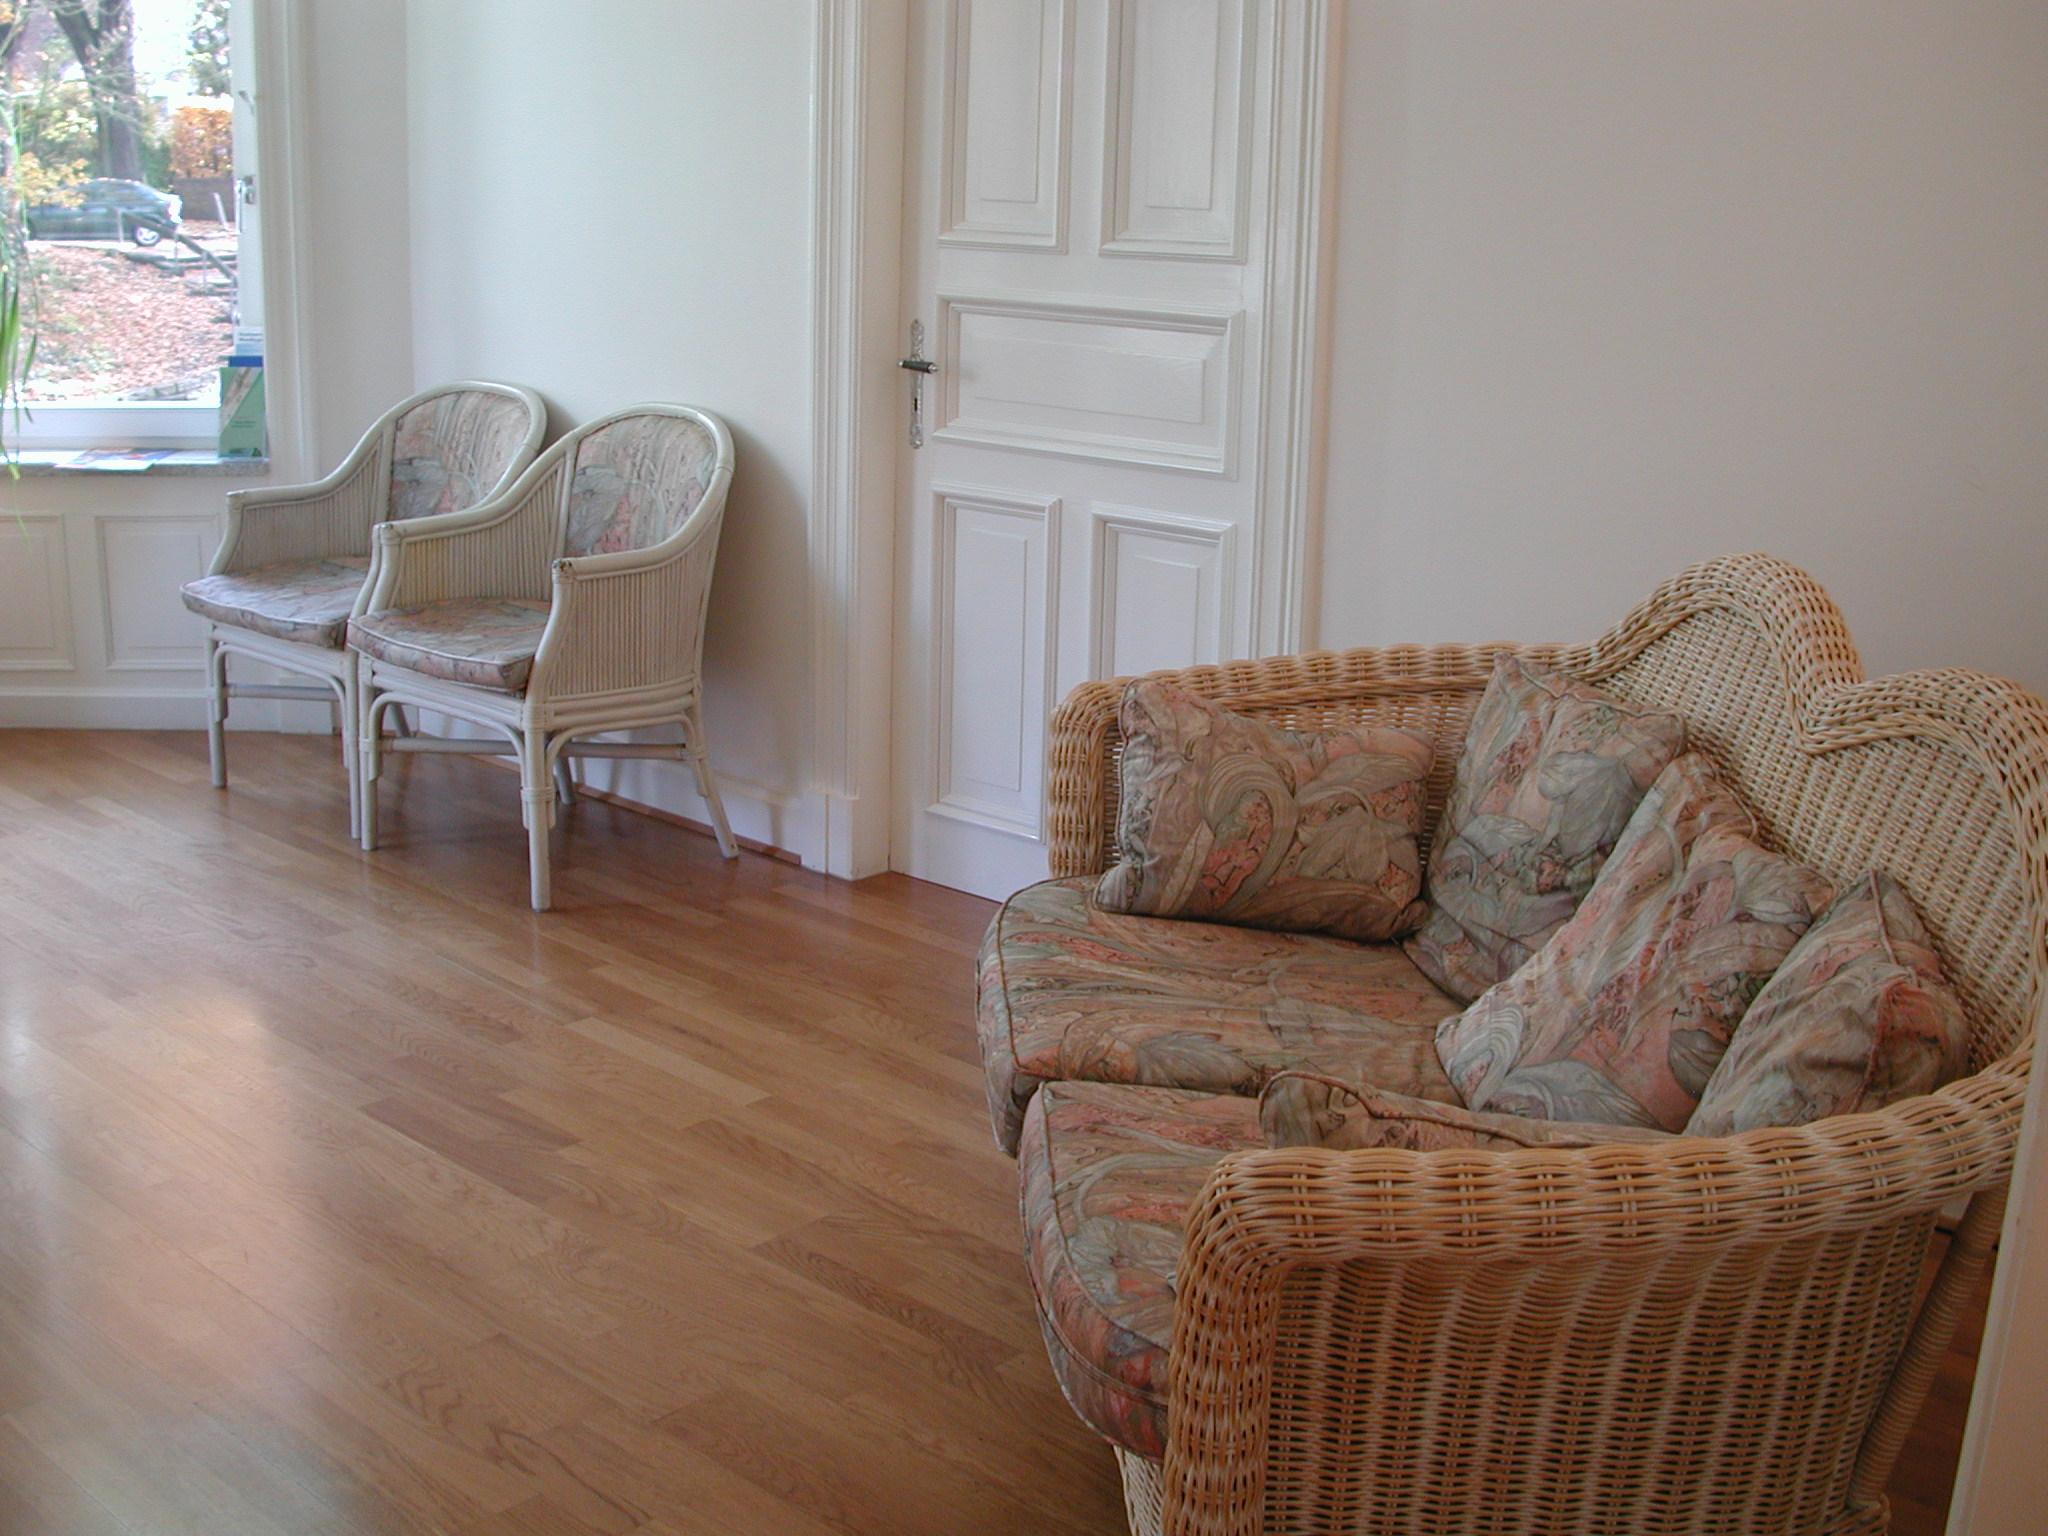 Möbel und Haushalt Kleinanzeigen in Hamburg - Seite 3